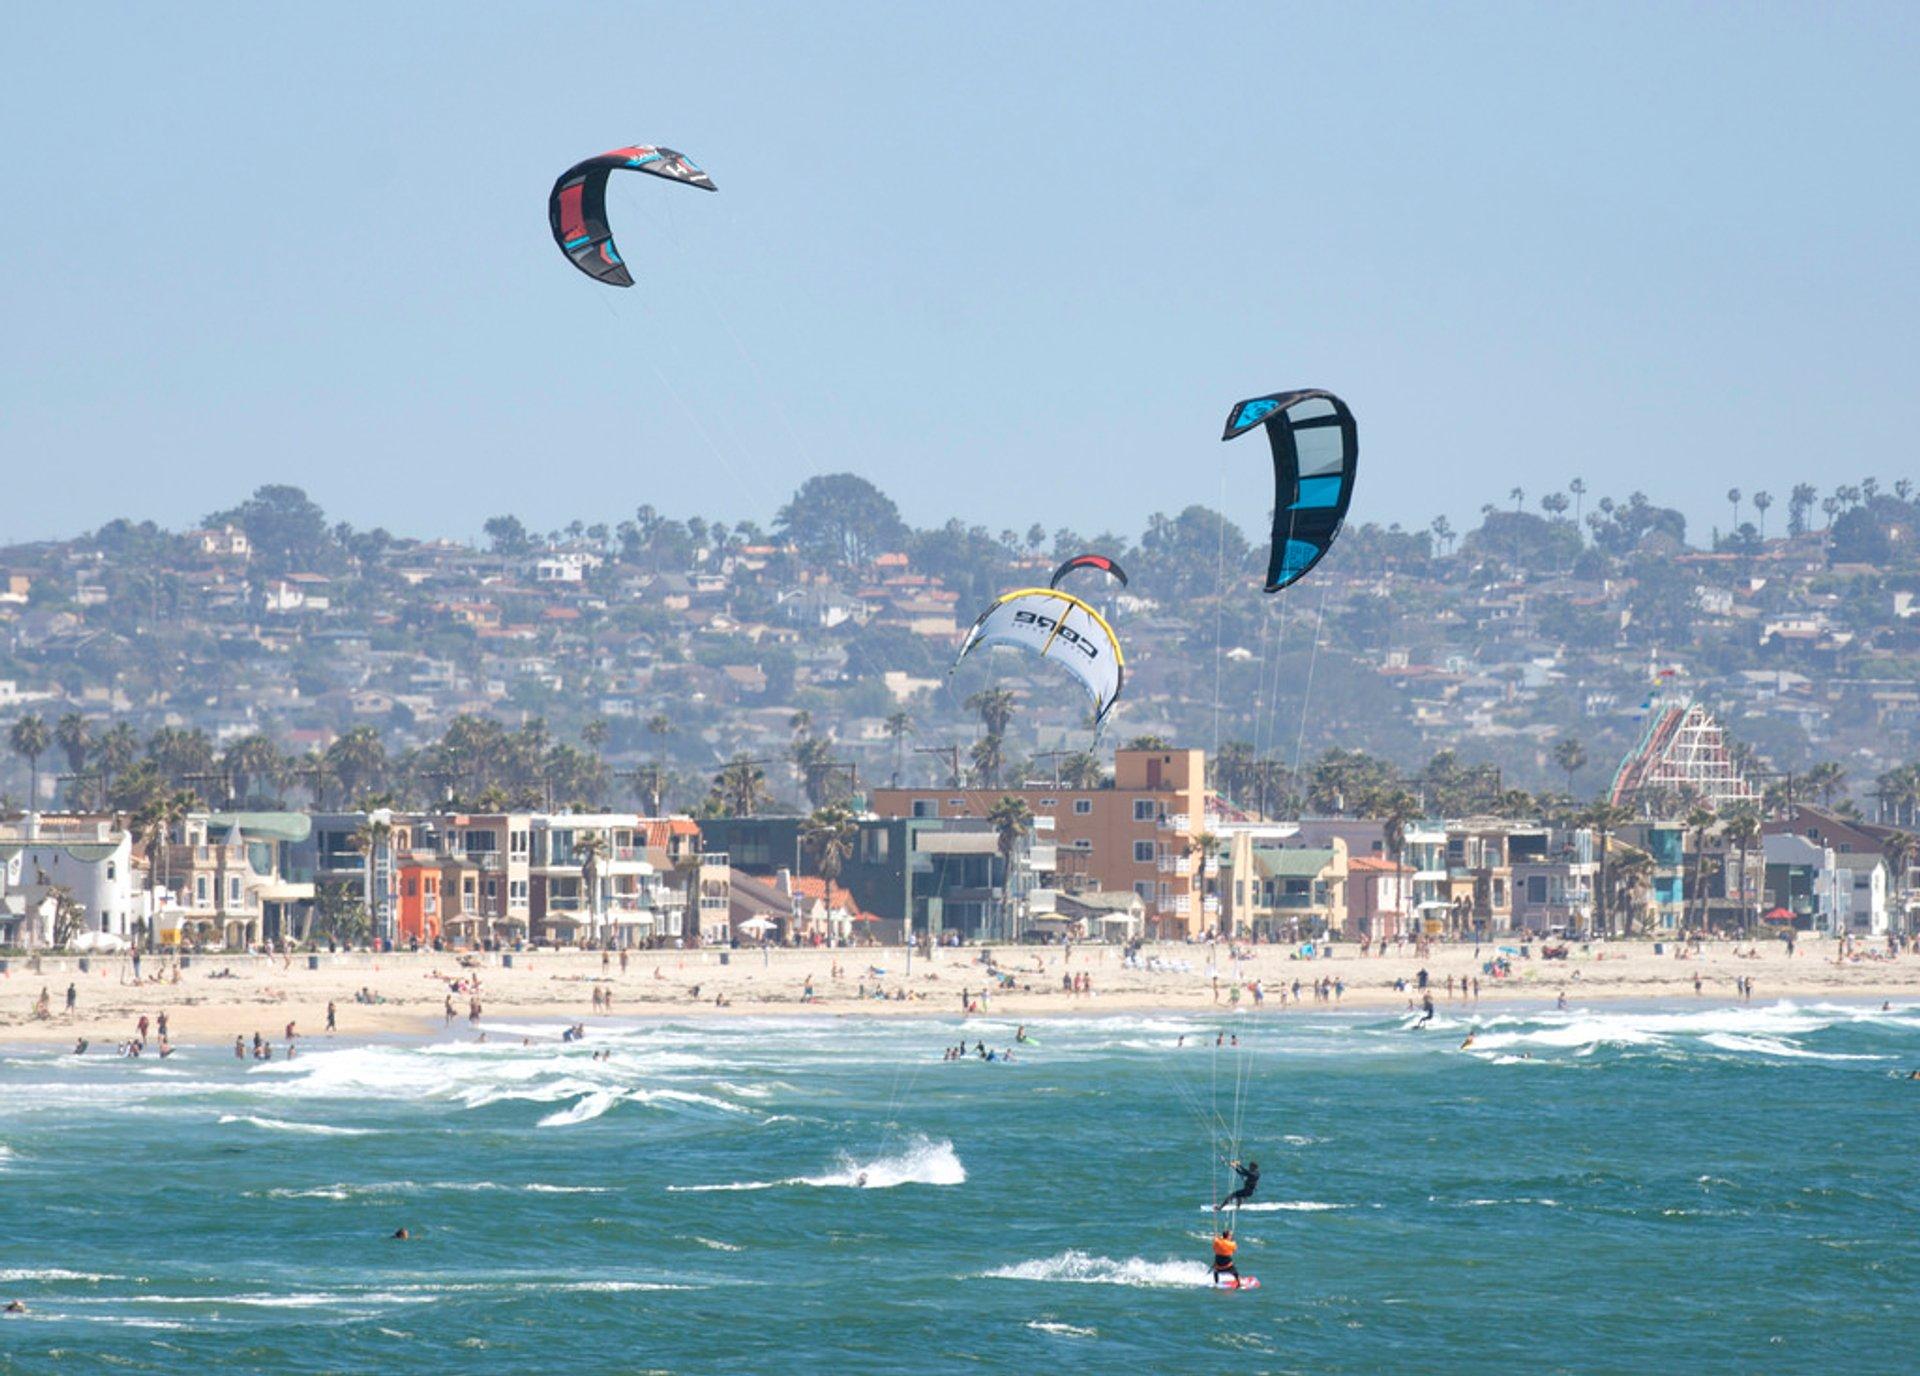 Pacific Beach, San Diego, California 2019